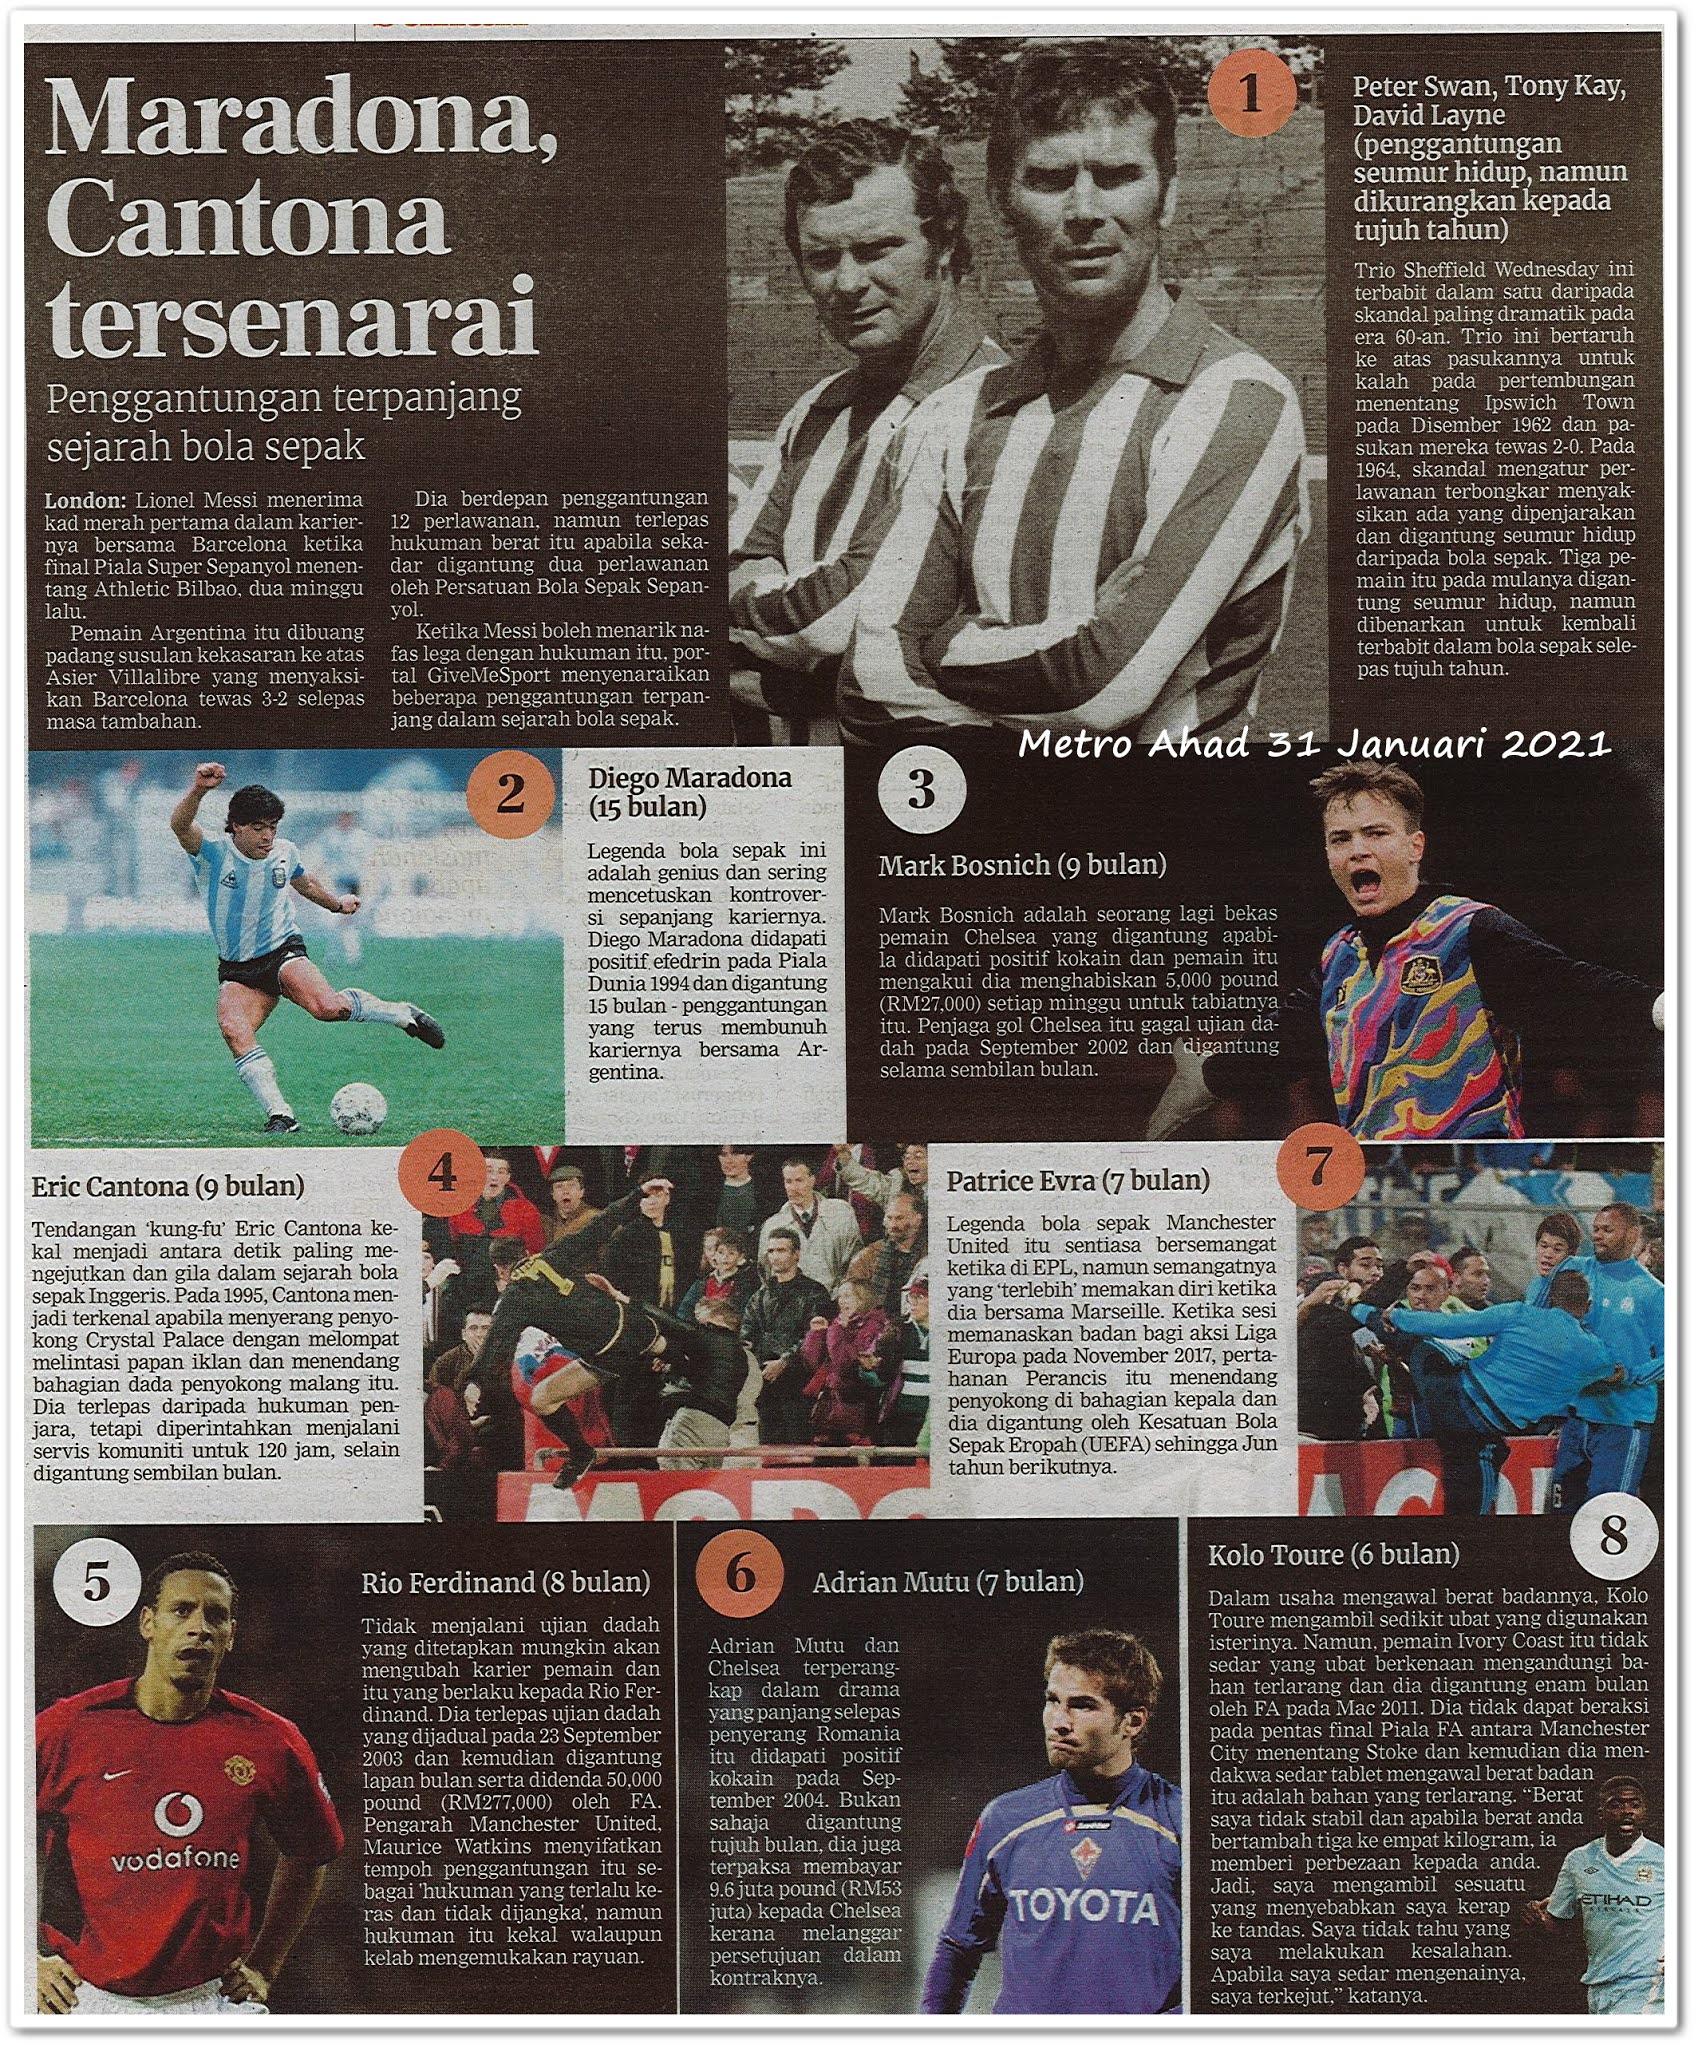 Maradona, Cantona tersenarai ; Penggantungan terpanjang sejarah bola sepak - Keratan akhbar Metro Ahad 31 Januari 2021